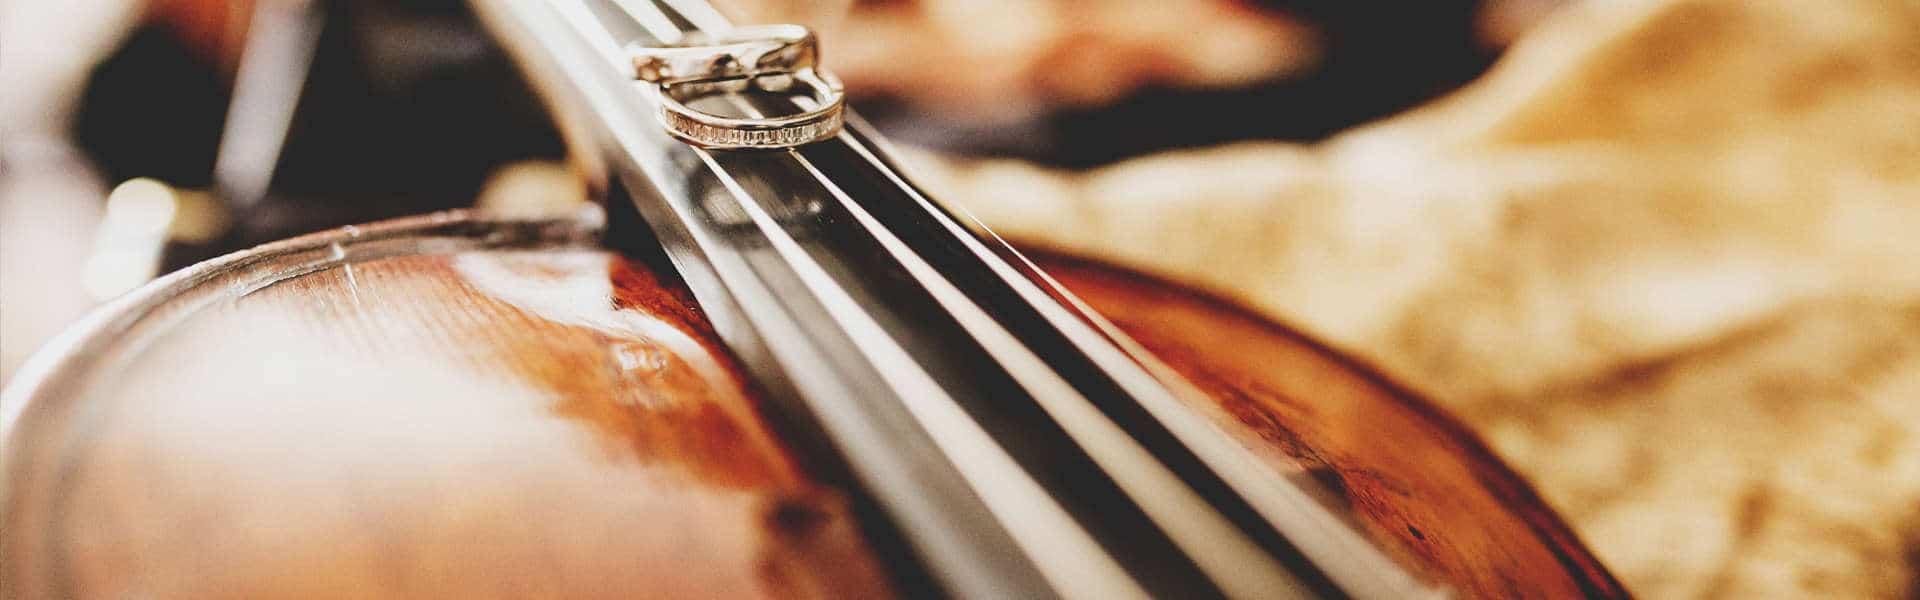 תמונה של כינור